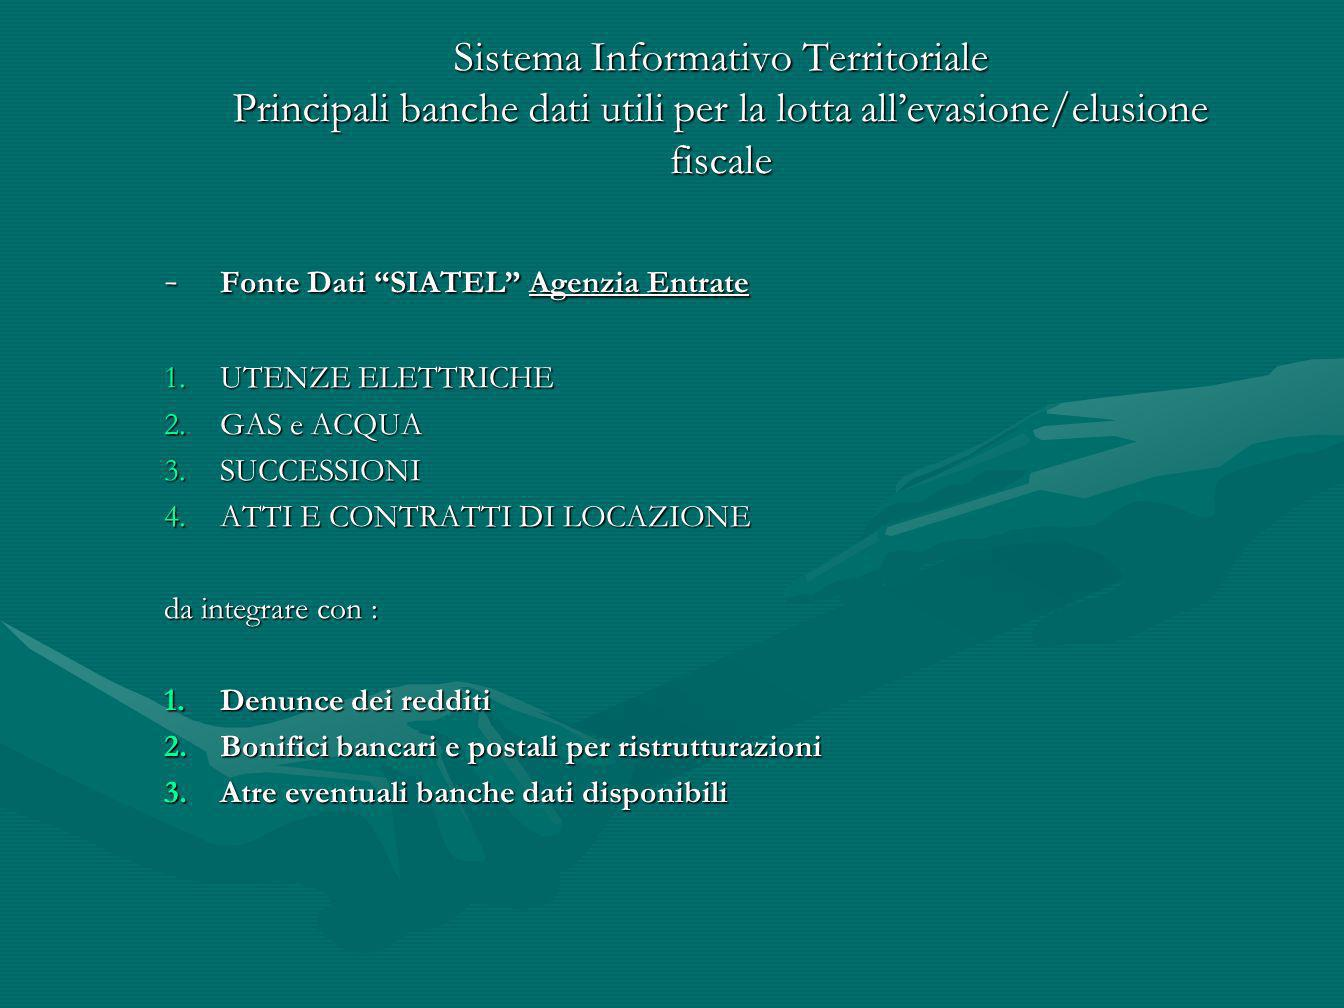 - Fonte Dati SIATEL Agenzia Entrate